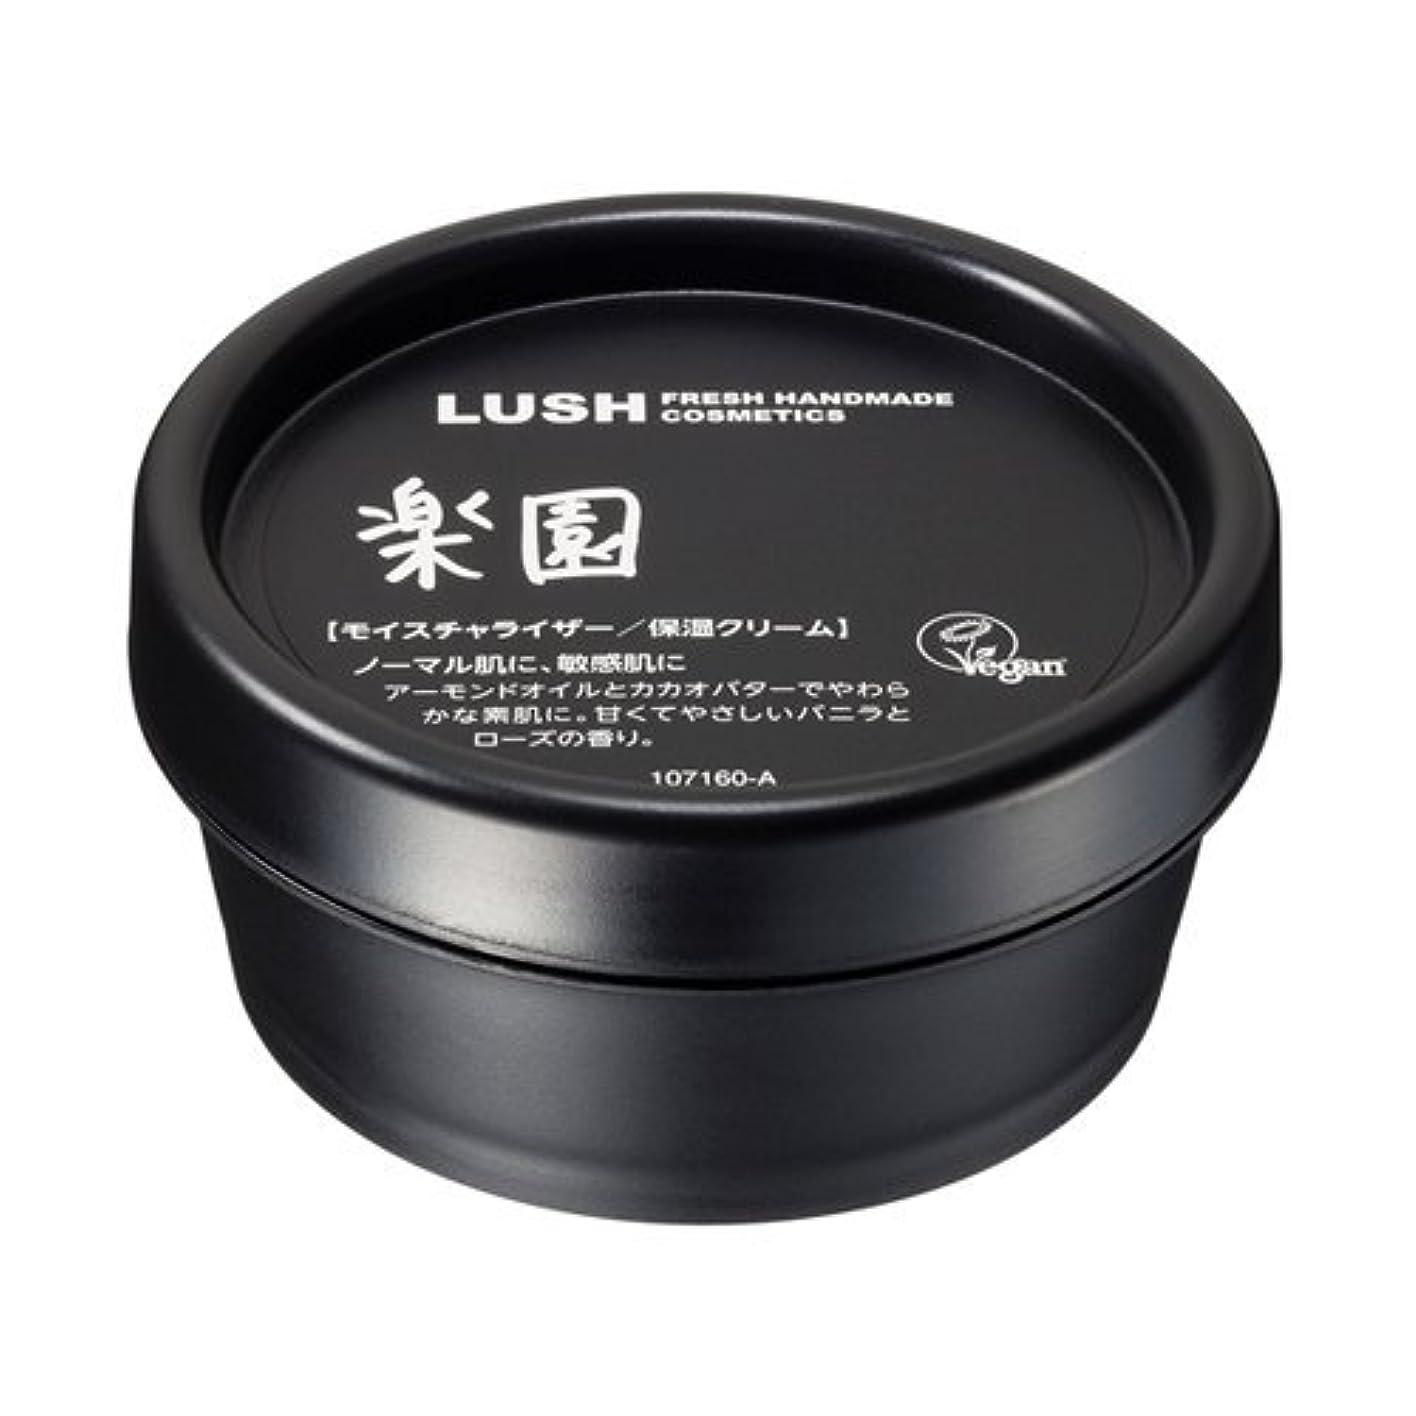 盆地強調するお香LUSH ラッシュ 楽園(45g)